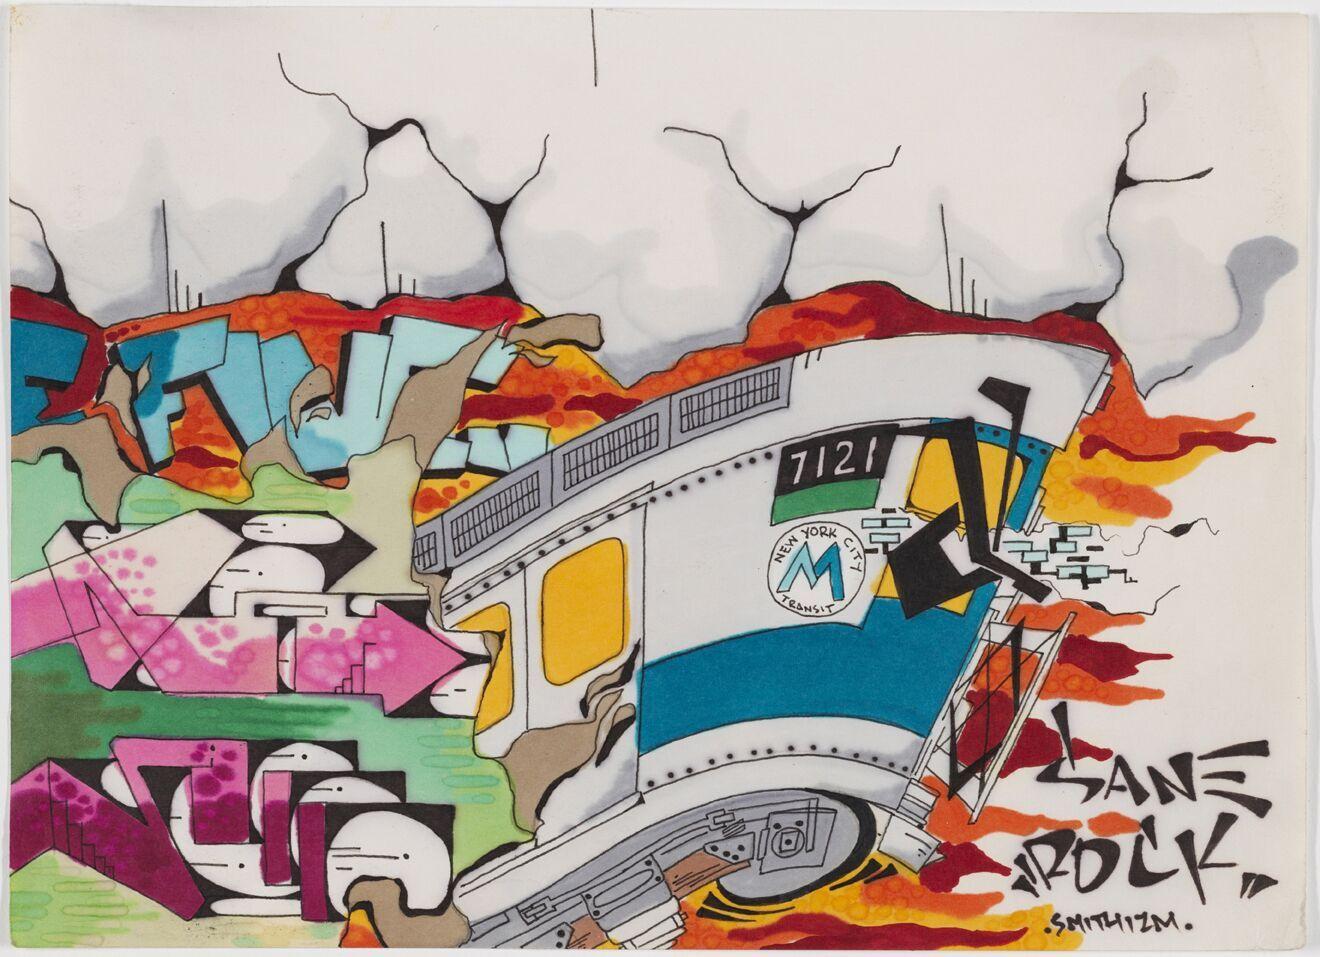 Sane Smith Untitled1990